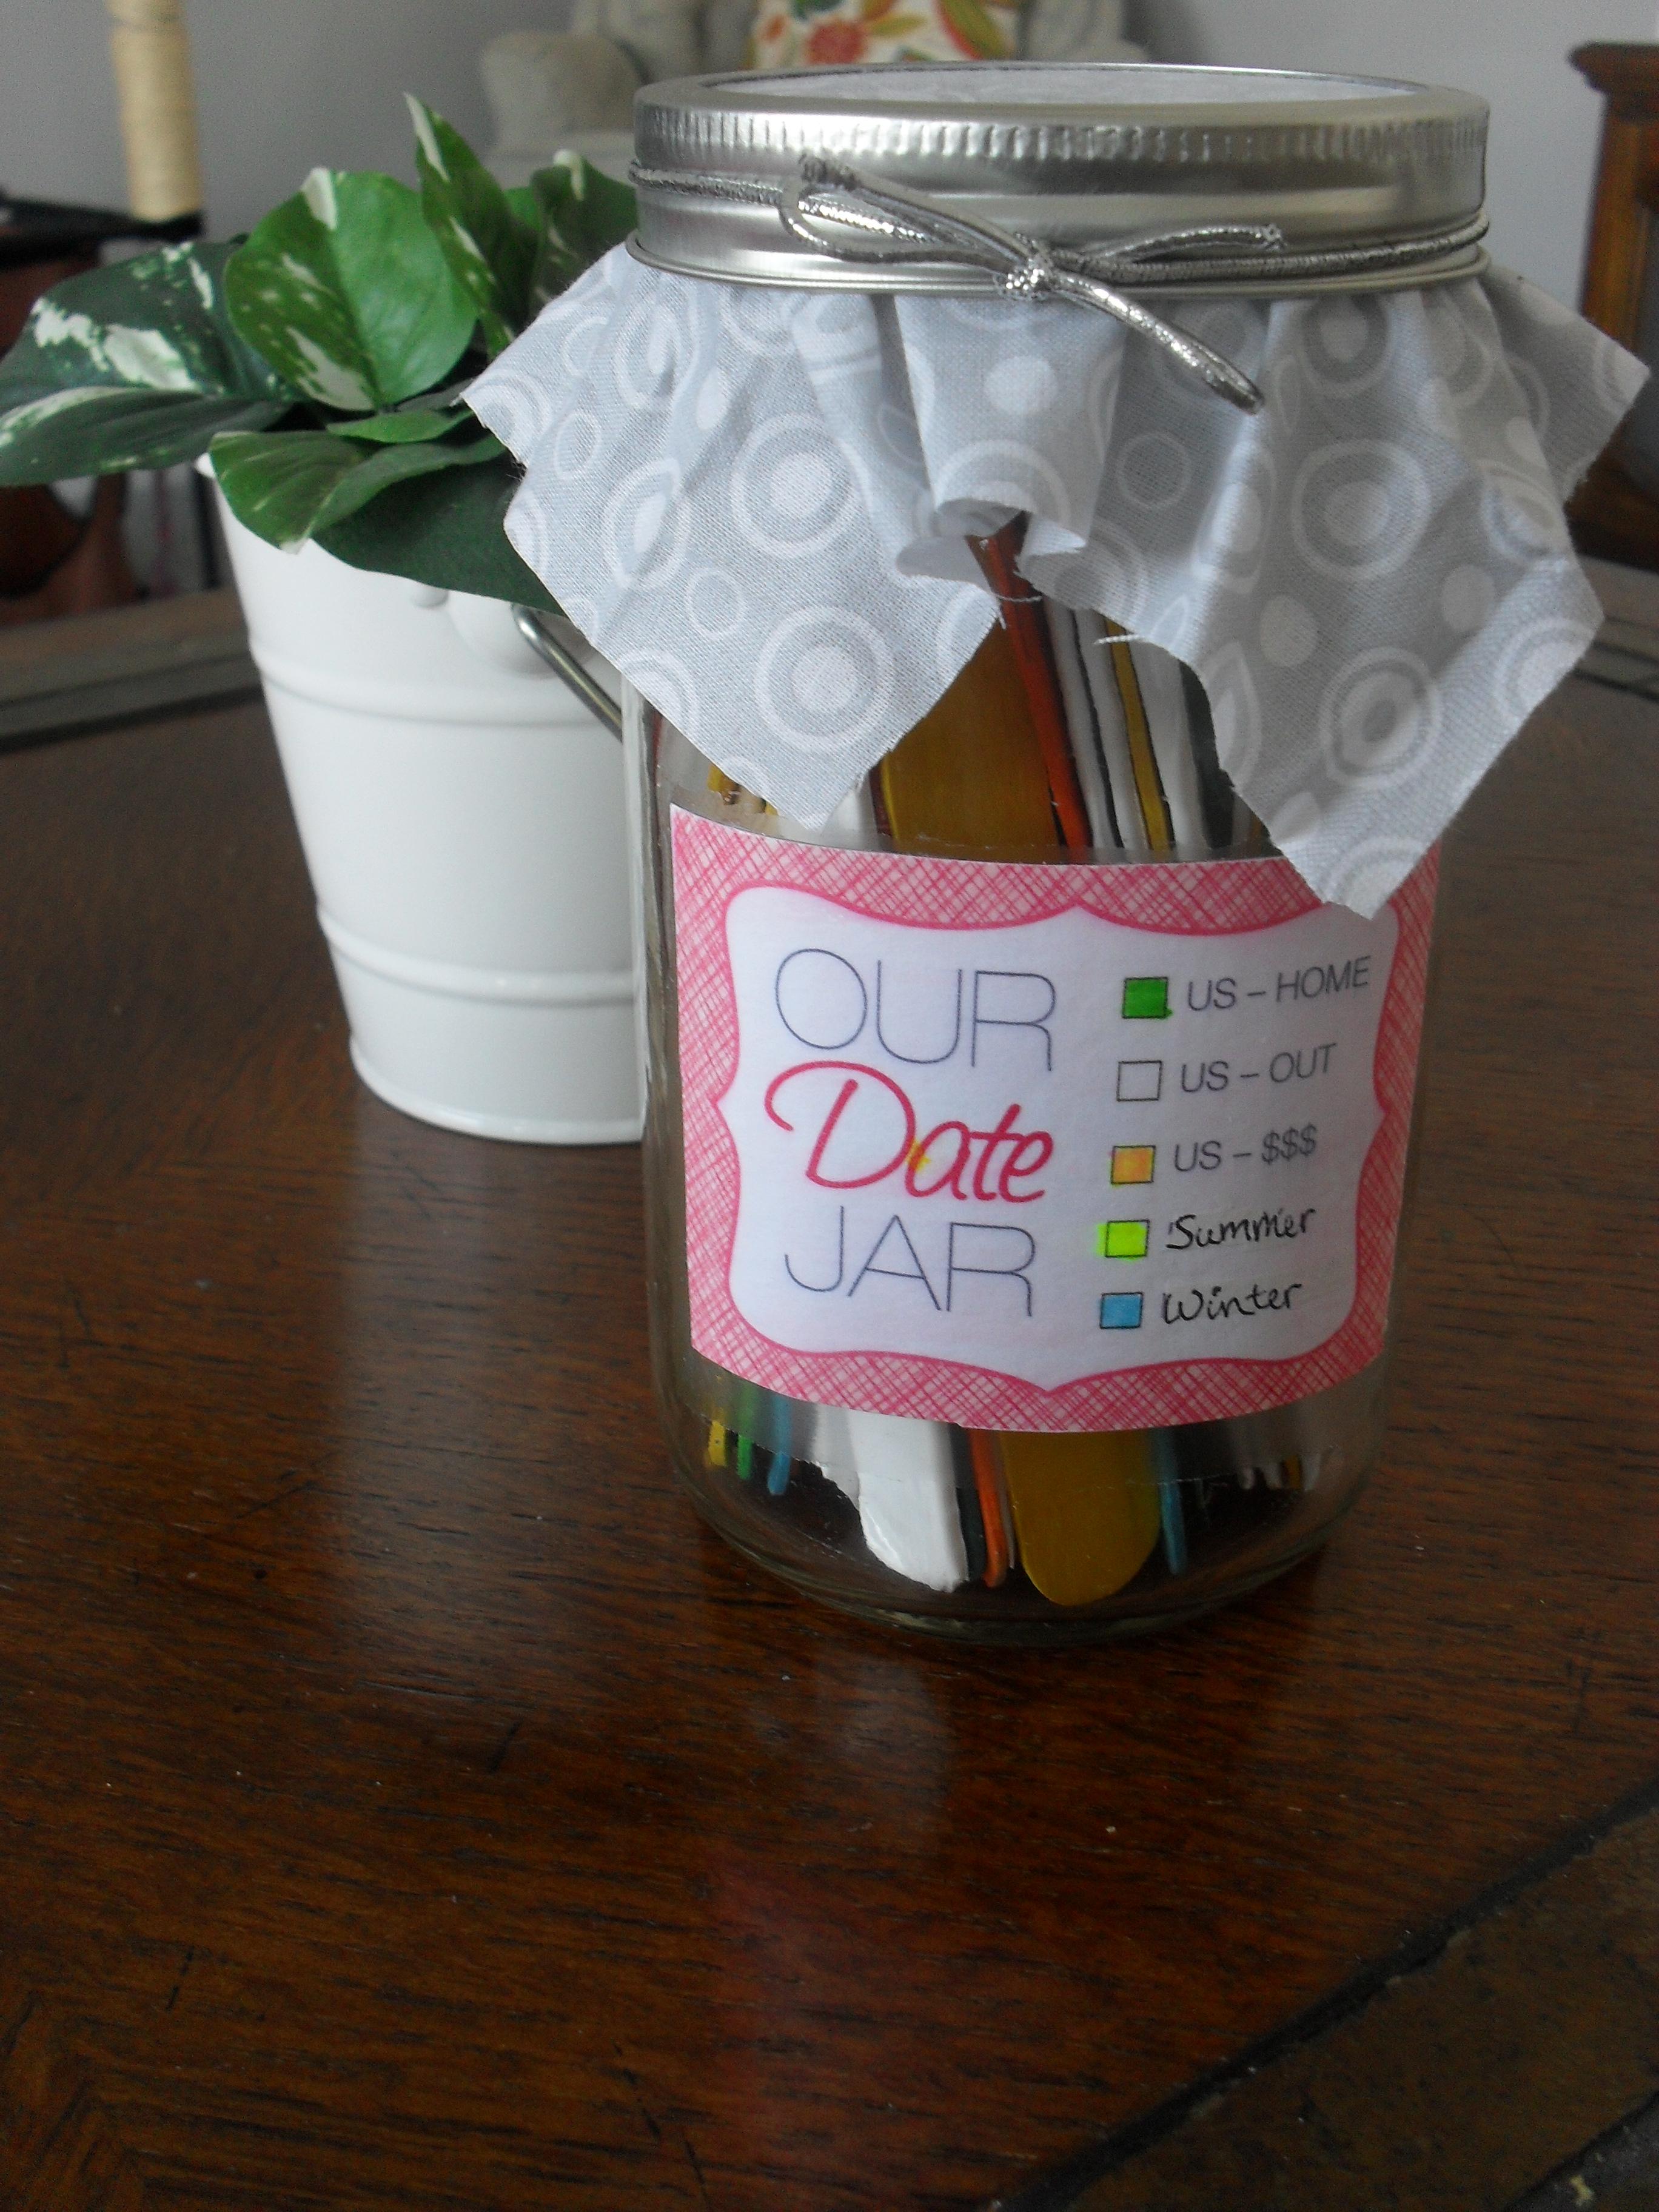 Date night jar in Perth